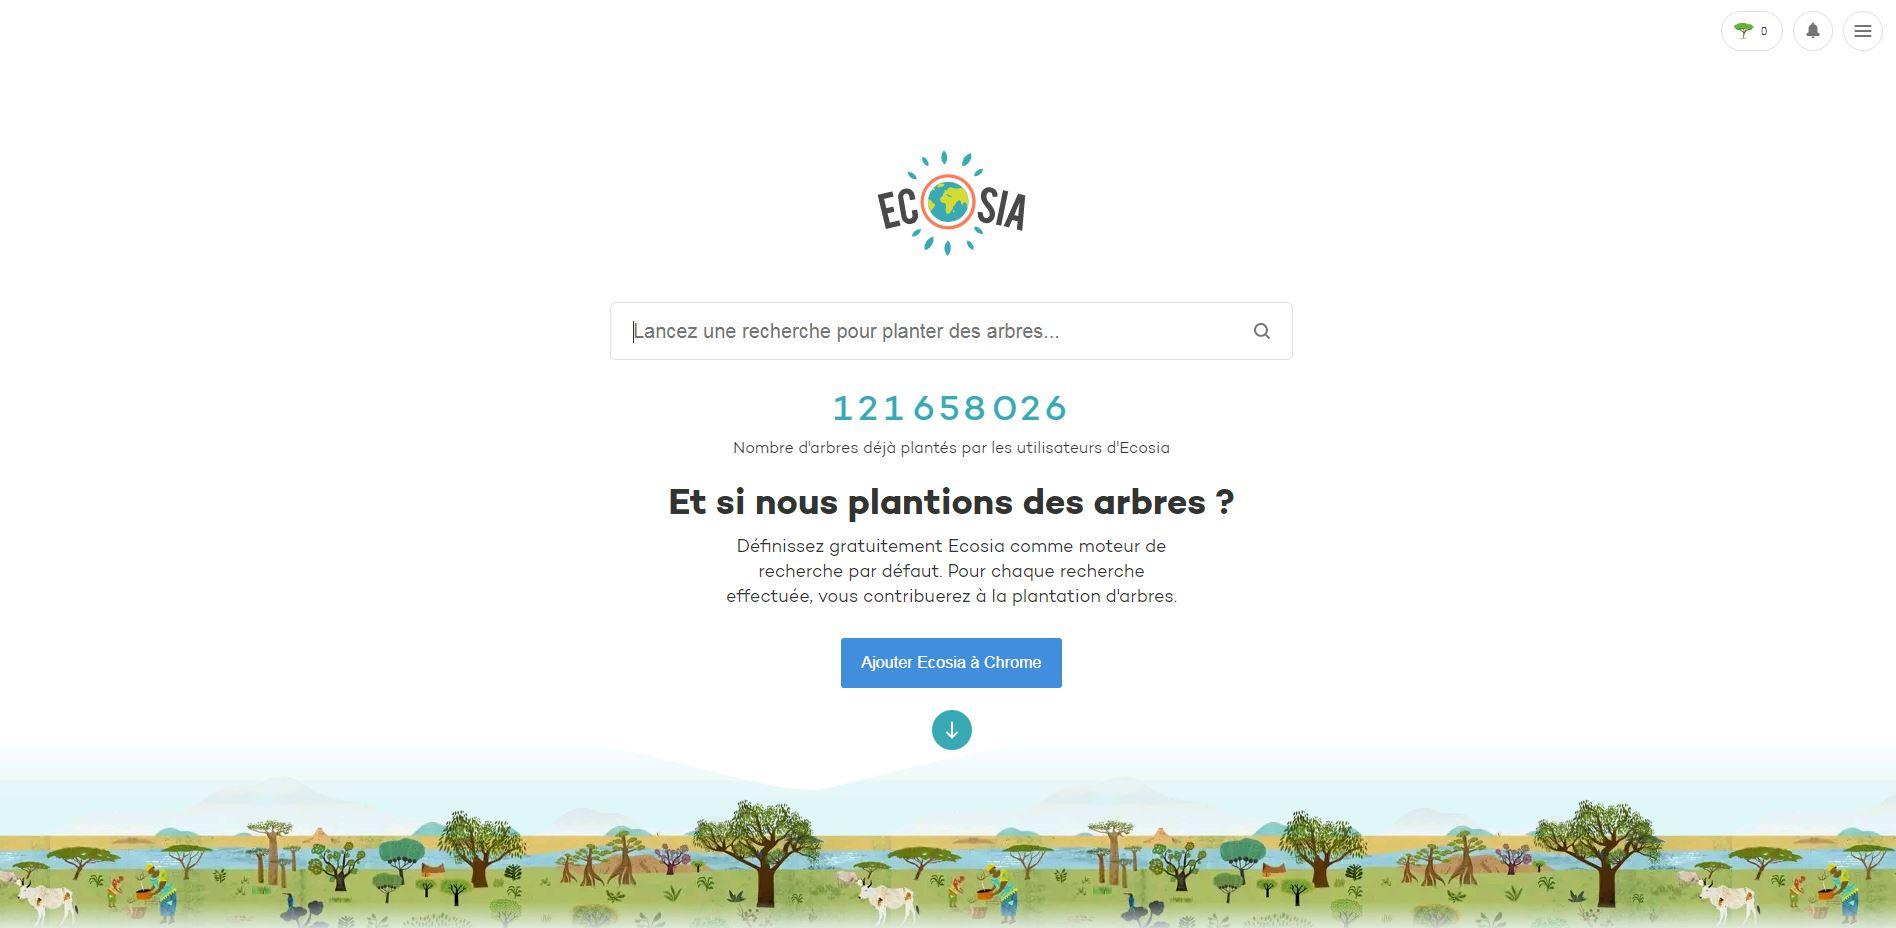 ecosia moteur de recherche ecoresponsable